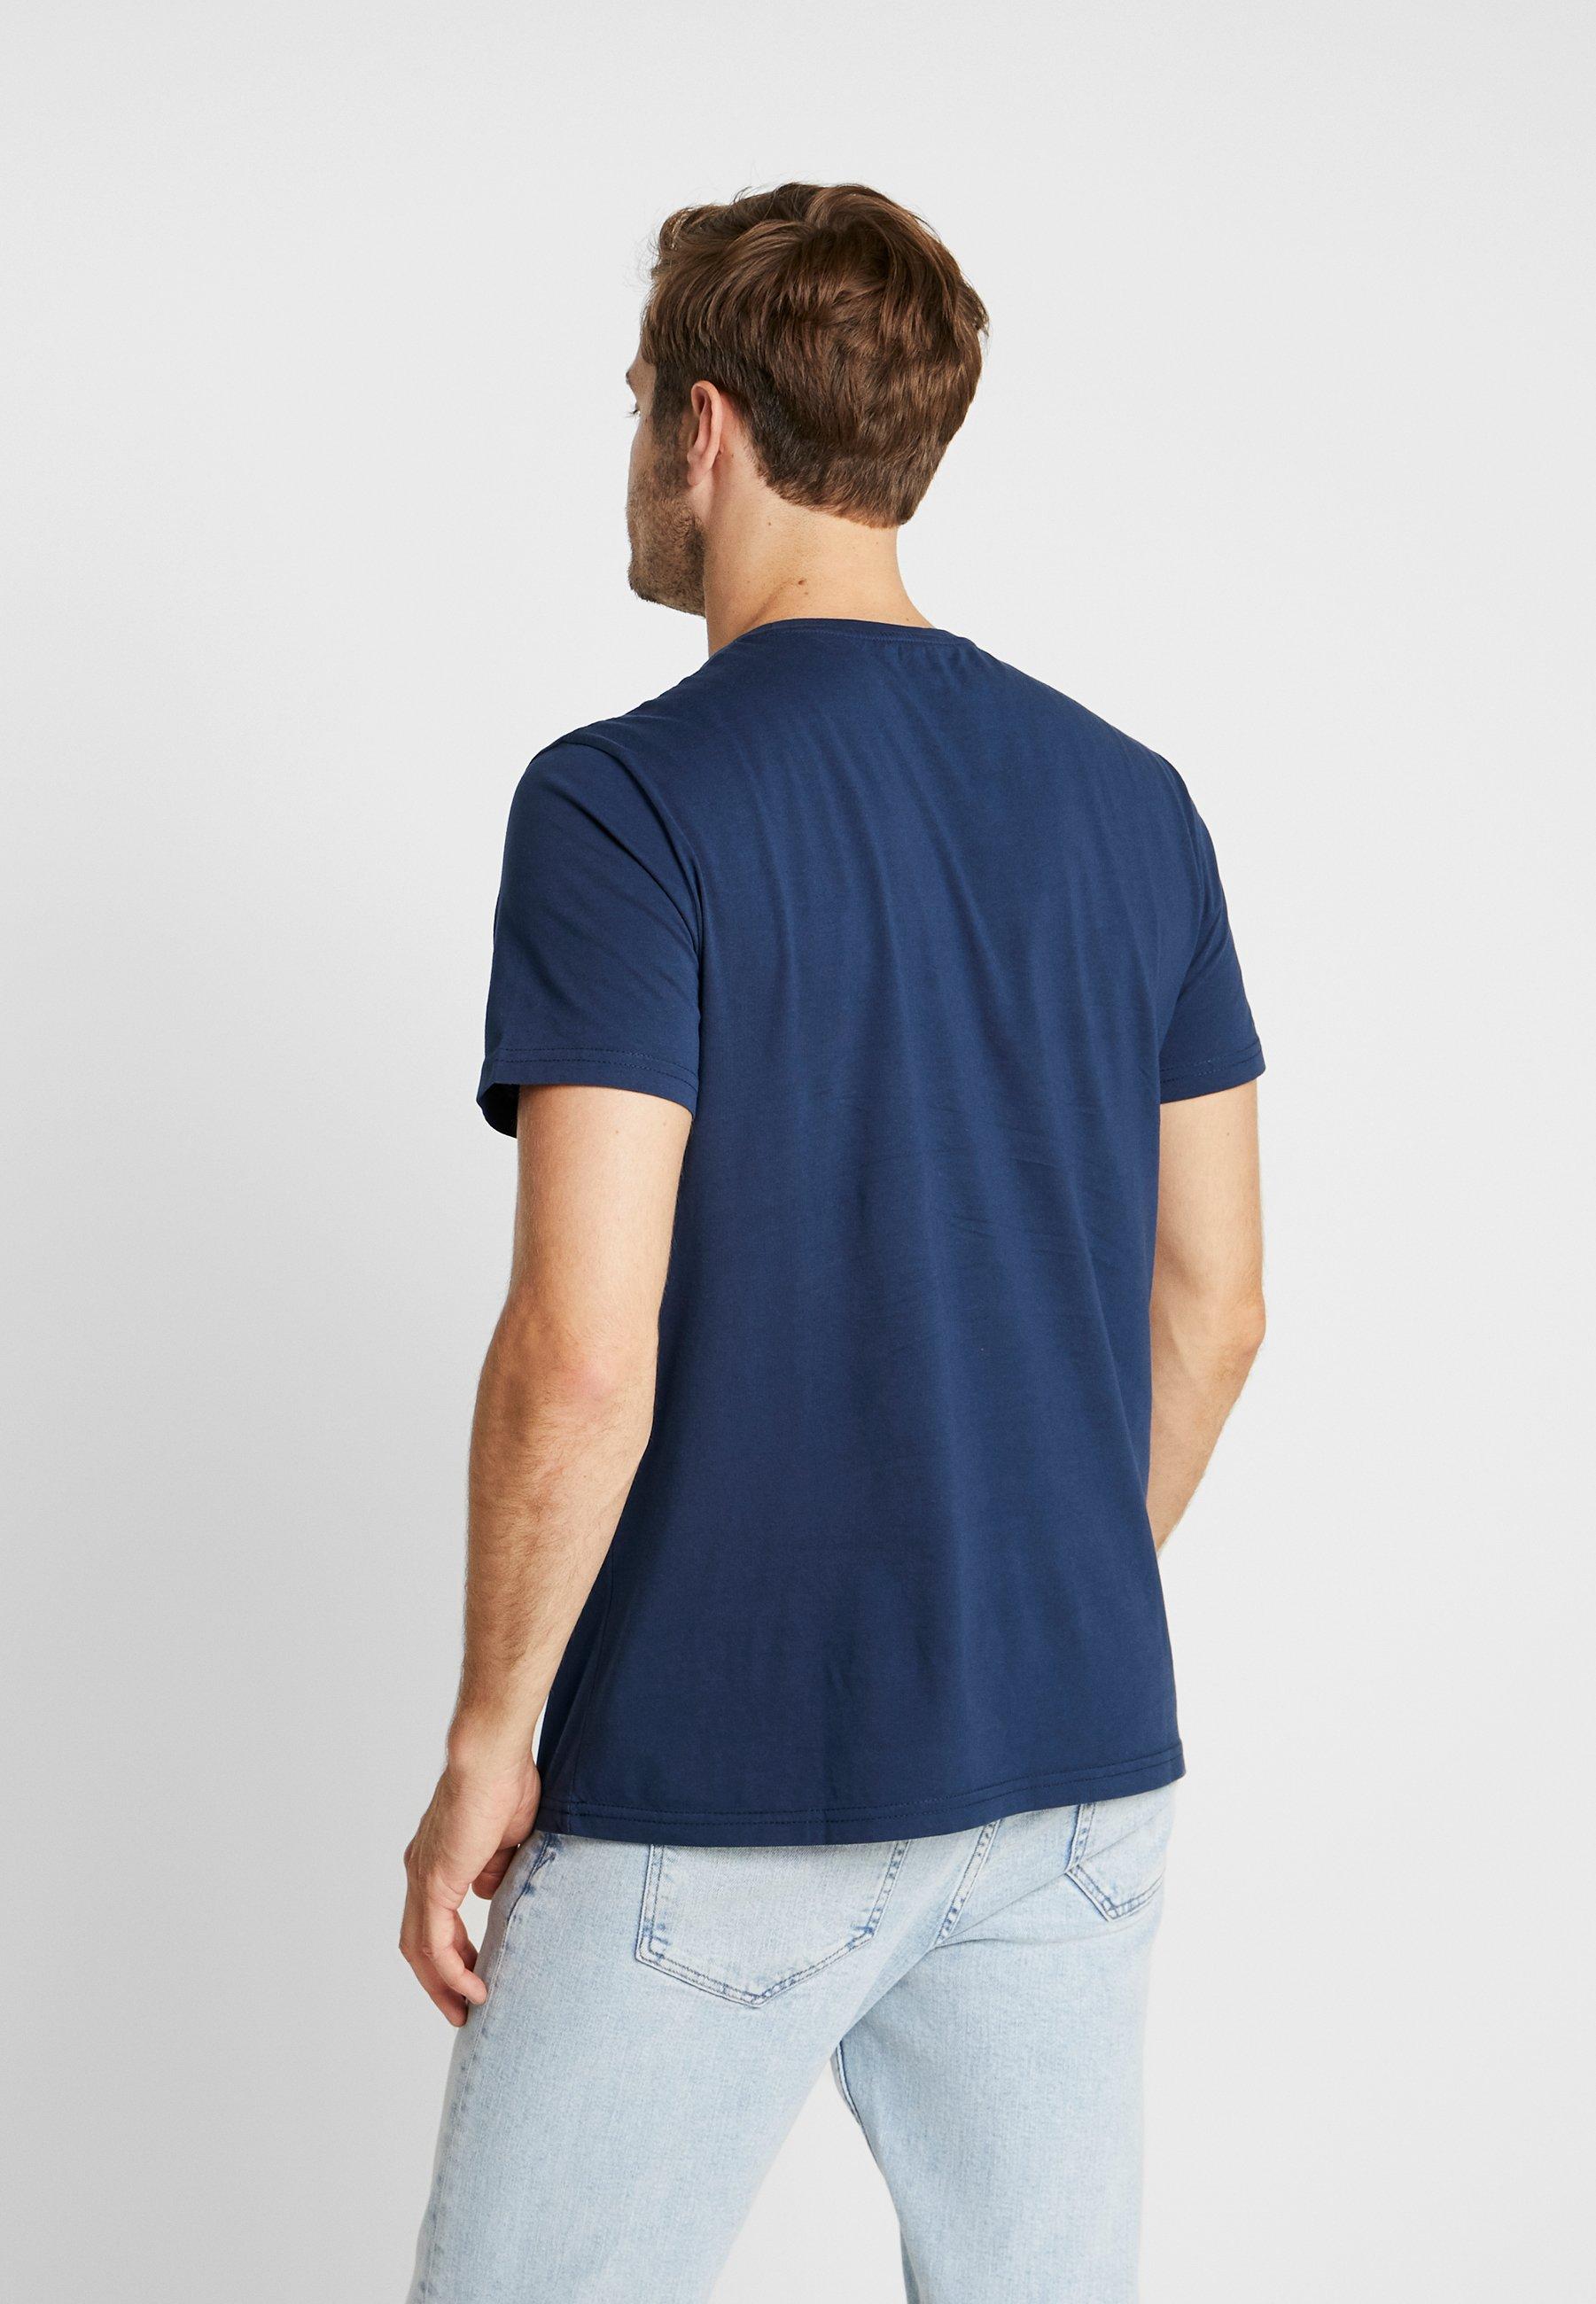 shirt Pier Blue One T ImpriméDark tdChQrsx